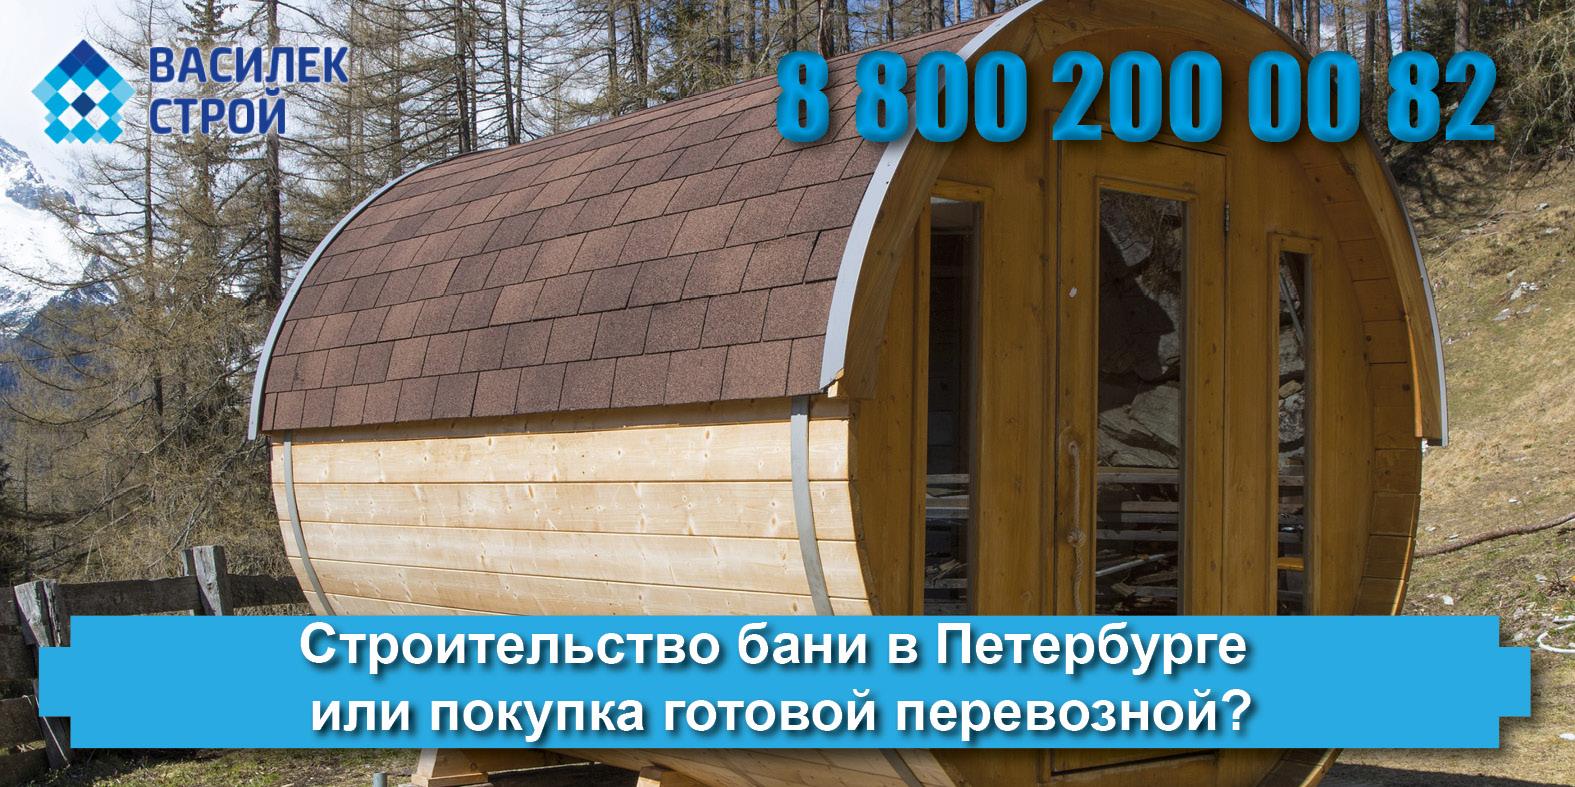 Строительство бани в Петербурге или покупка готовой перевозной?